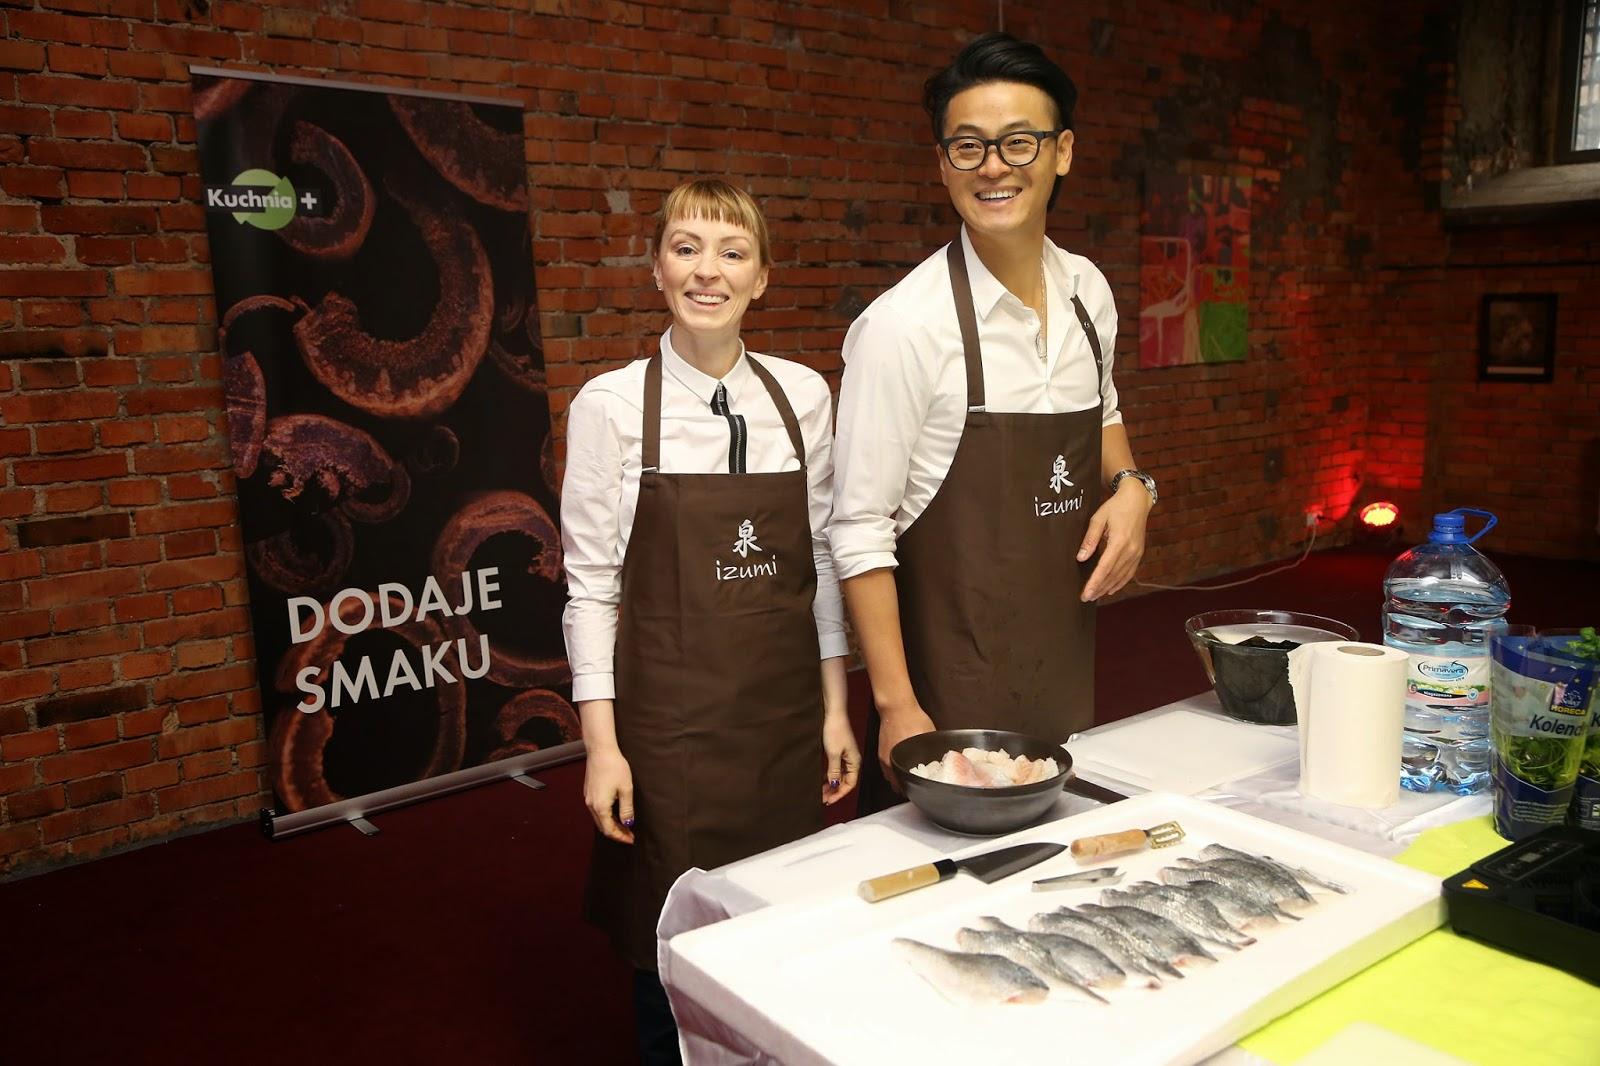 W poszukiwaniu smaku umami warsztaty kuchni japońskiej